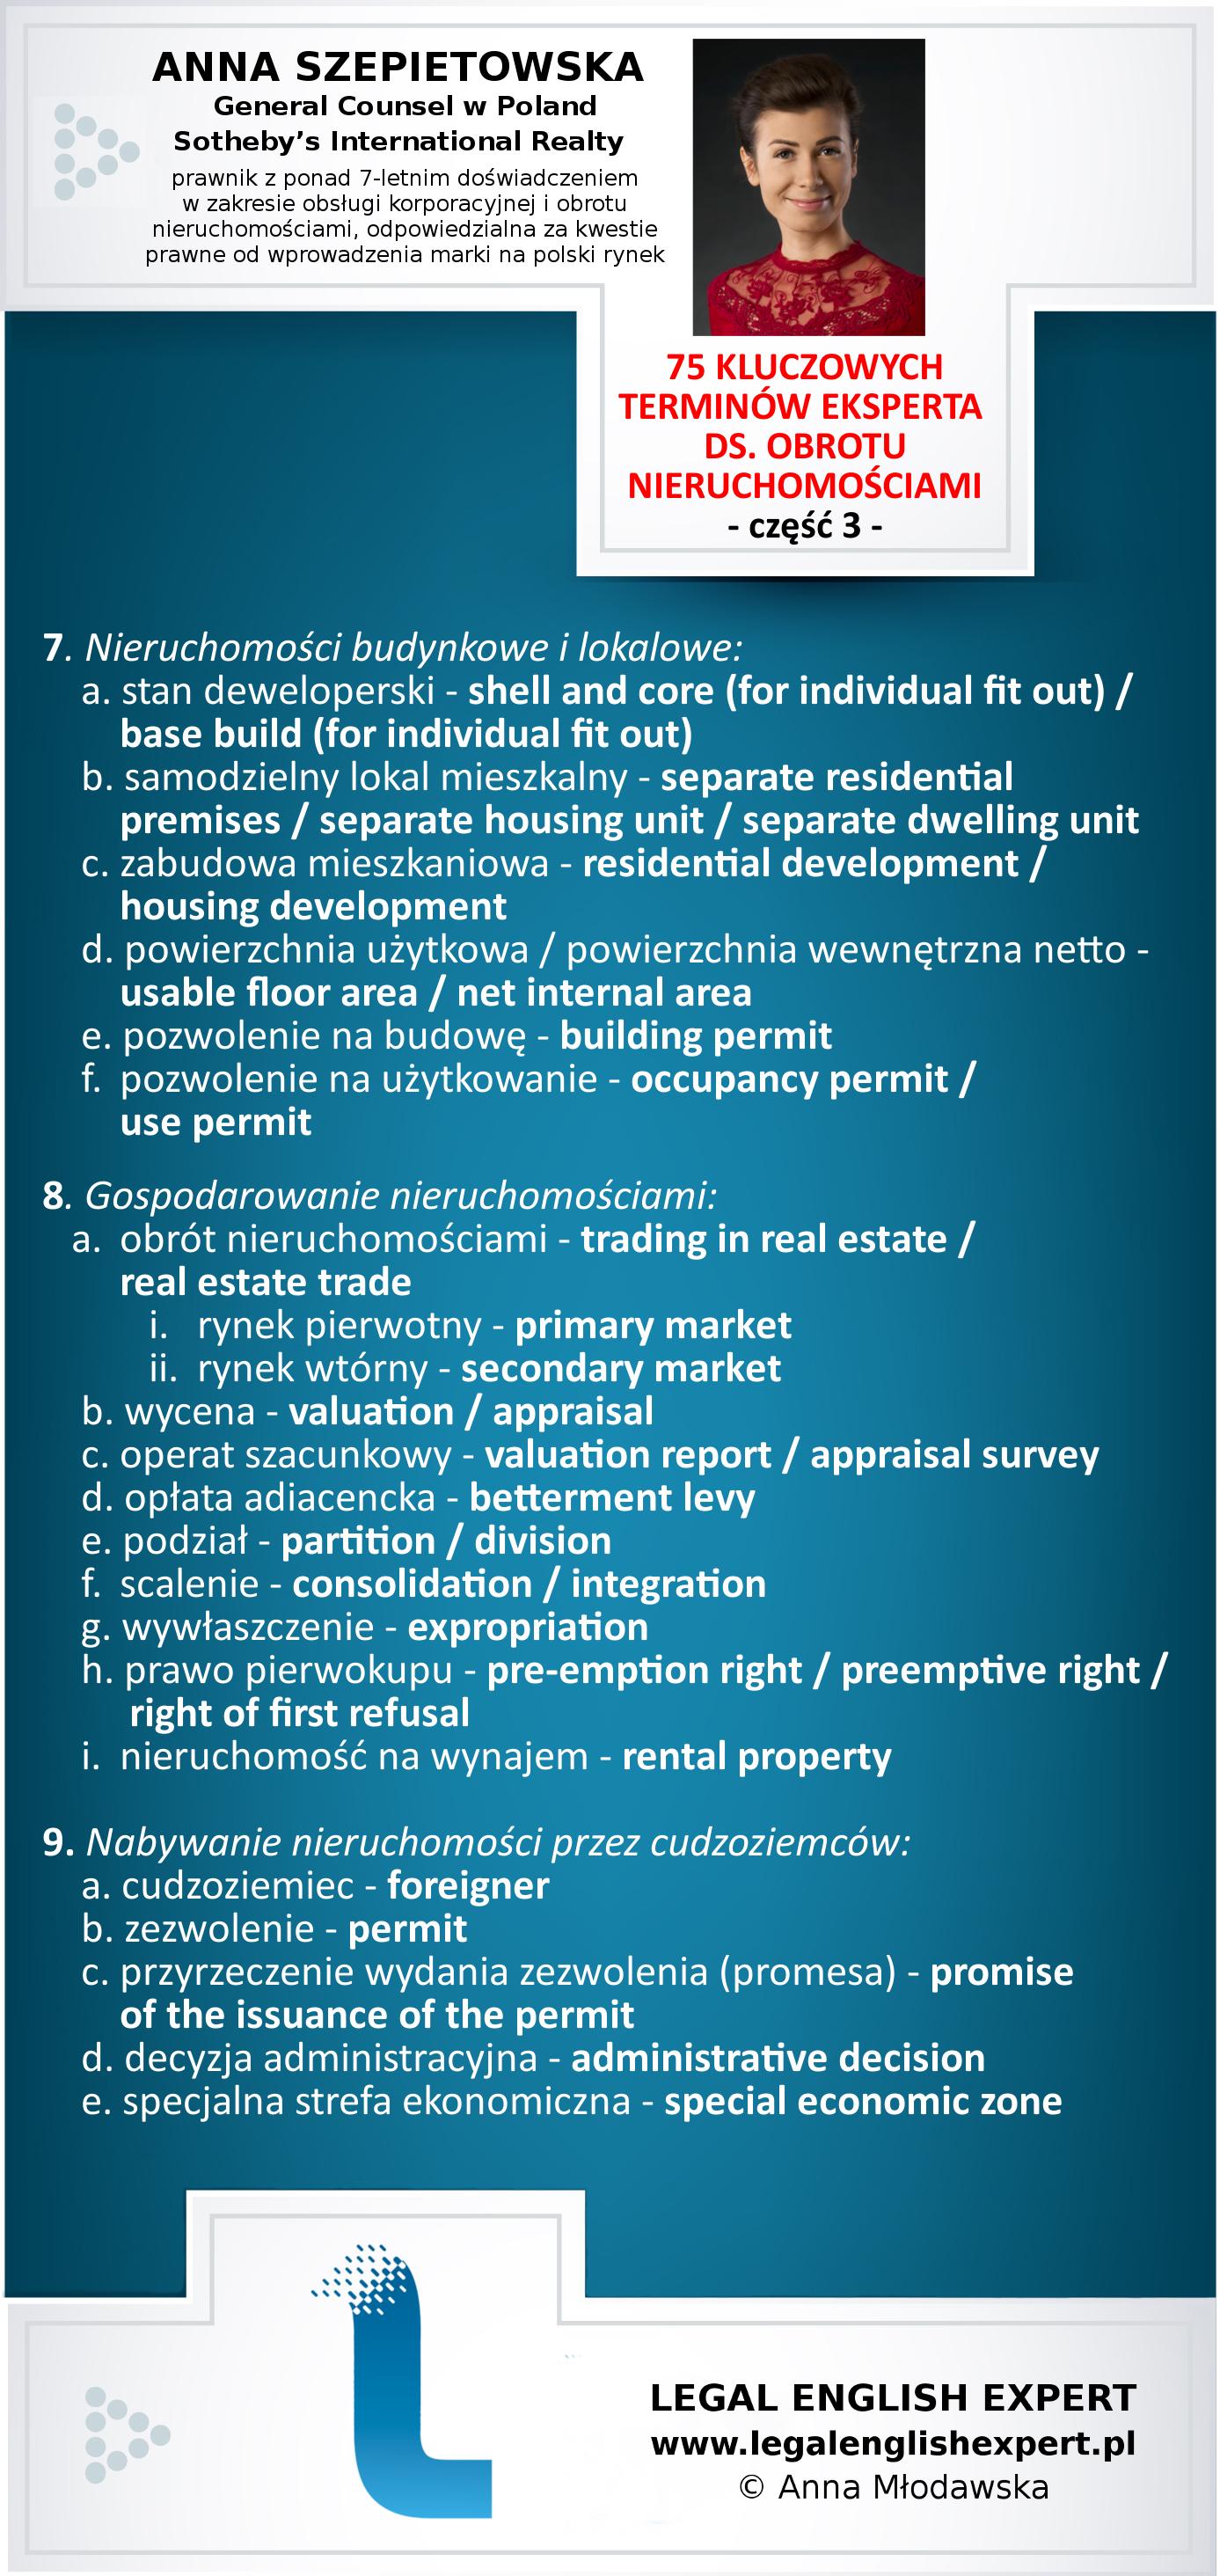 75-kluczowych-terminow-obrot-nieruchomosciami-czesc-3